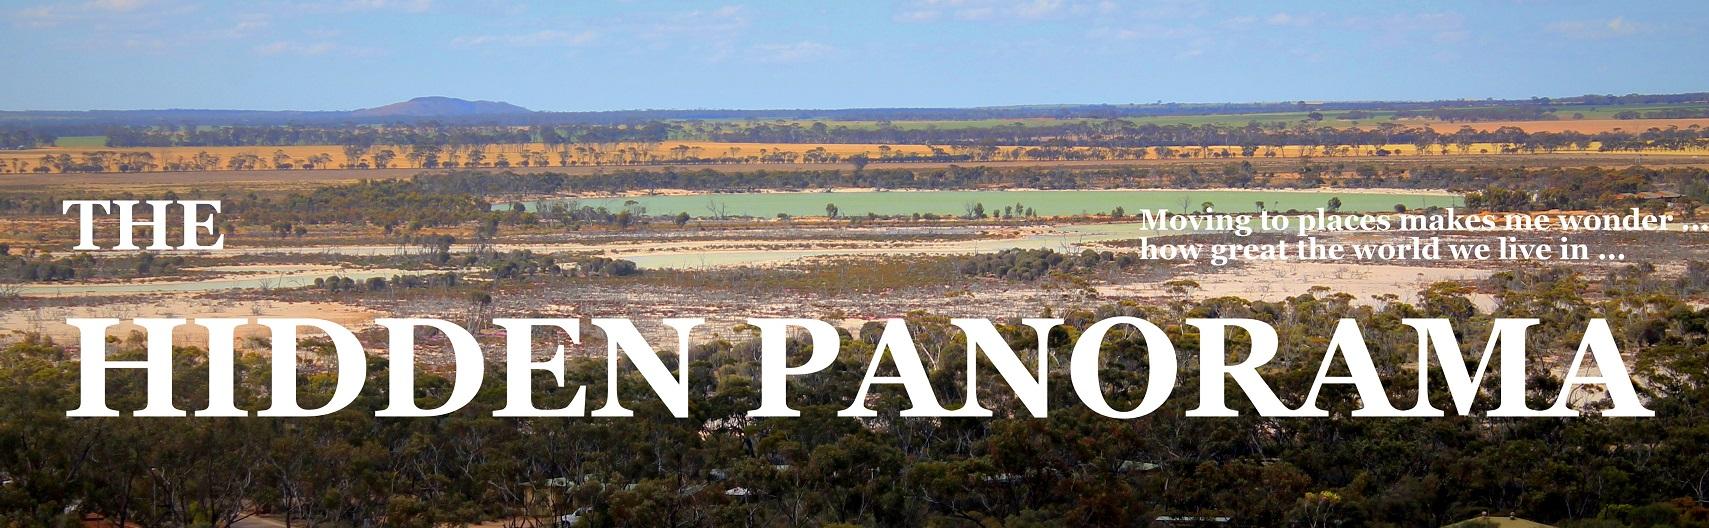 The Hidden Panorama